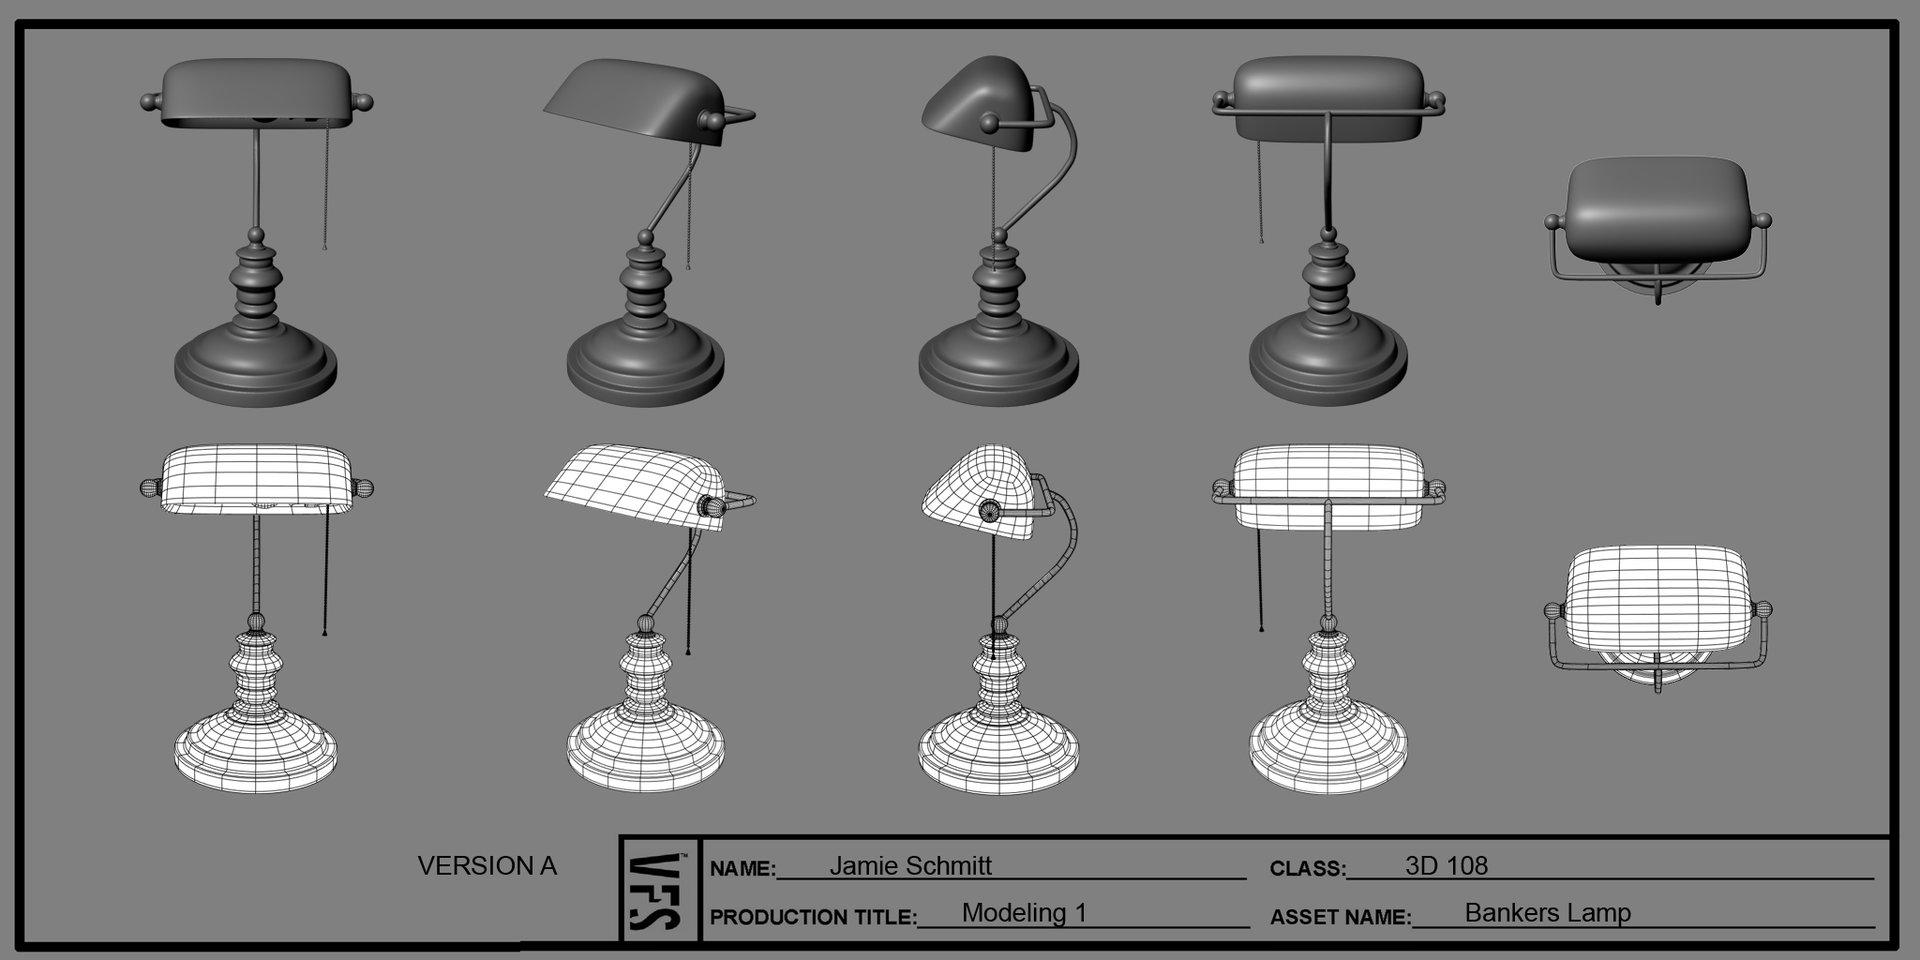 Jamie schmitt 3d108 jamieschmitt stilllife lamp fin